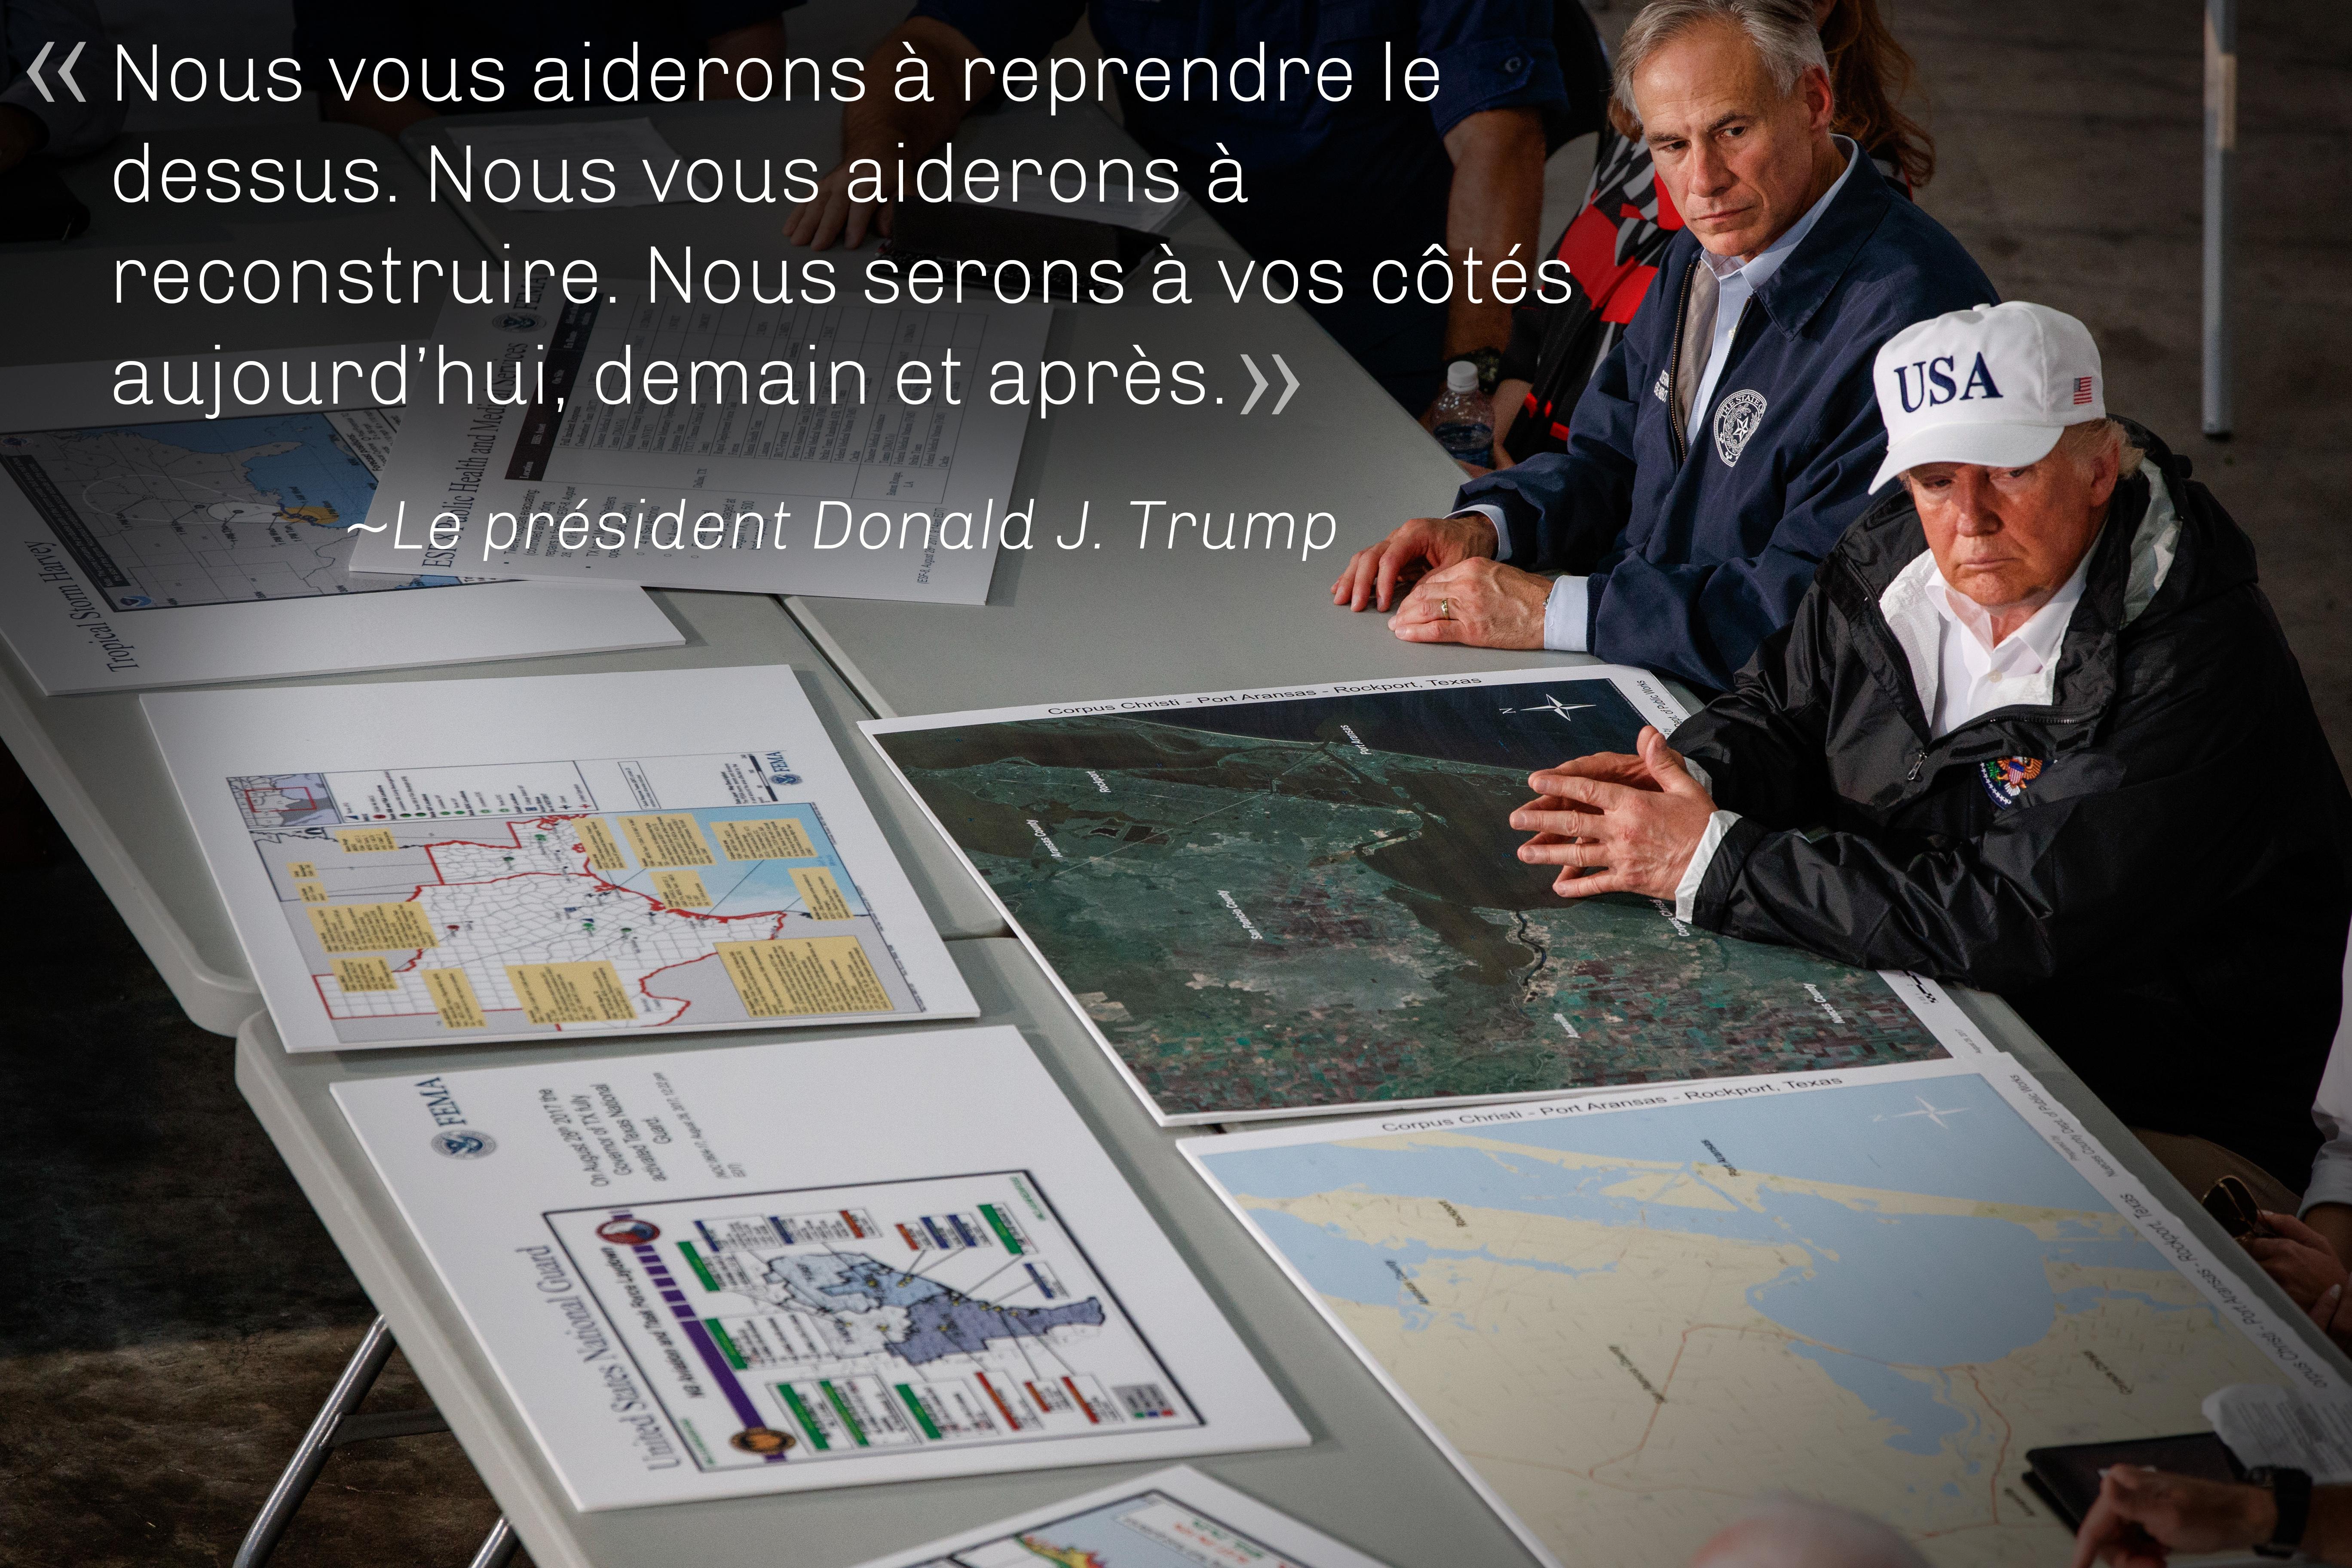 Citation du président Trump sur une photo de lui, assis à une table recouverte de cartes, à côté d'un autre homme (© AP Images)